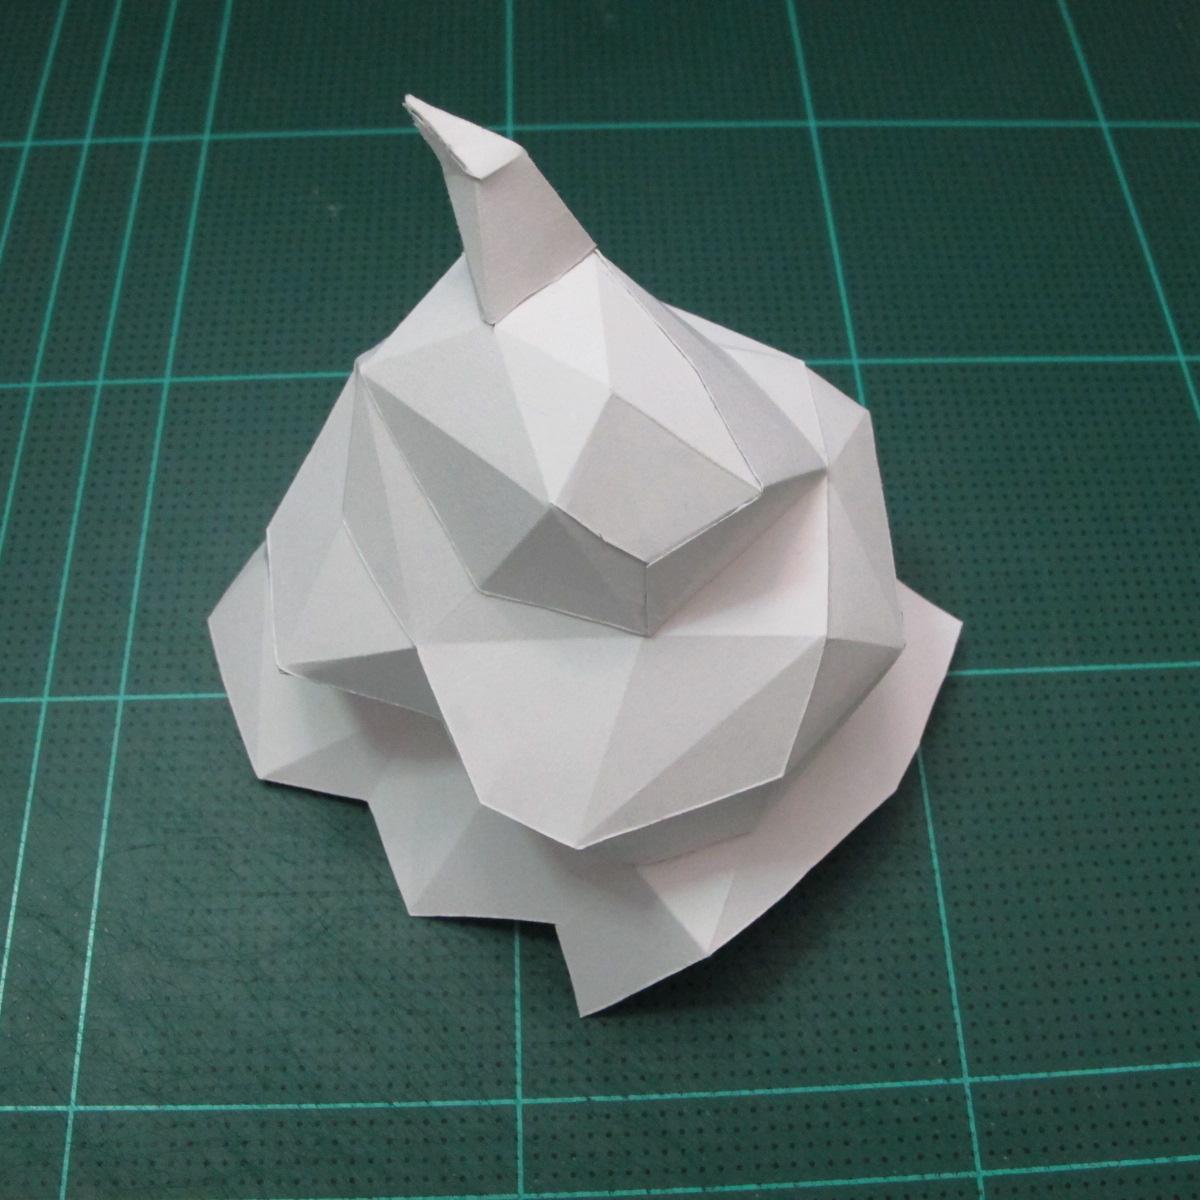 วิธีทำโมเดลกระดาษคุกกี้รสคุกกี้แอนด์ครีม  (Cookie Run Cream Cookie Papercraft Model) 006